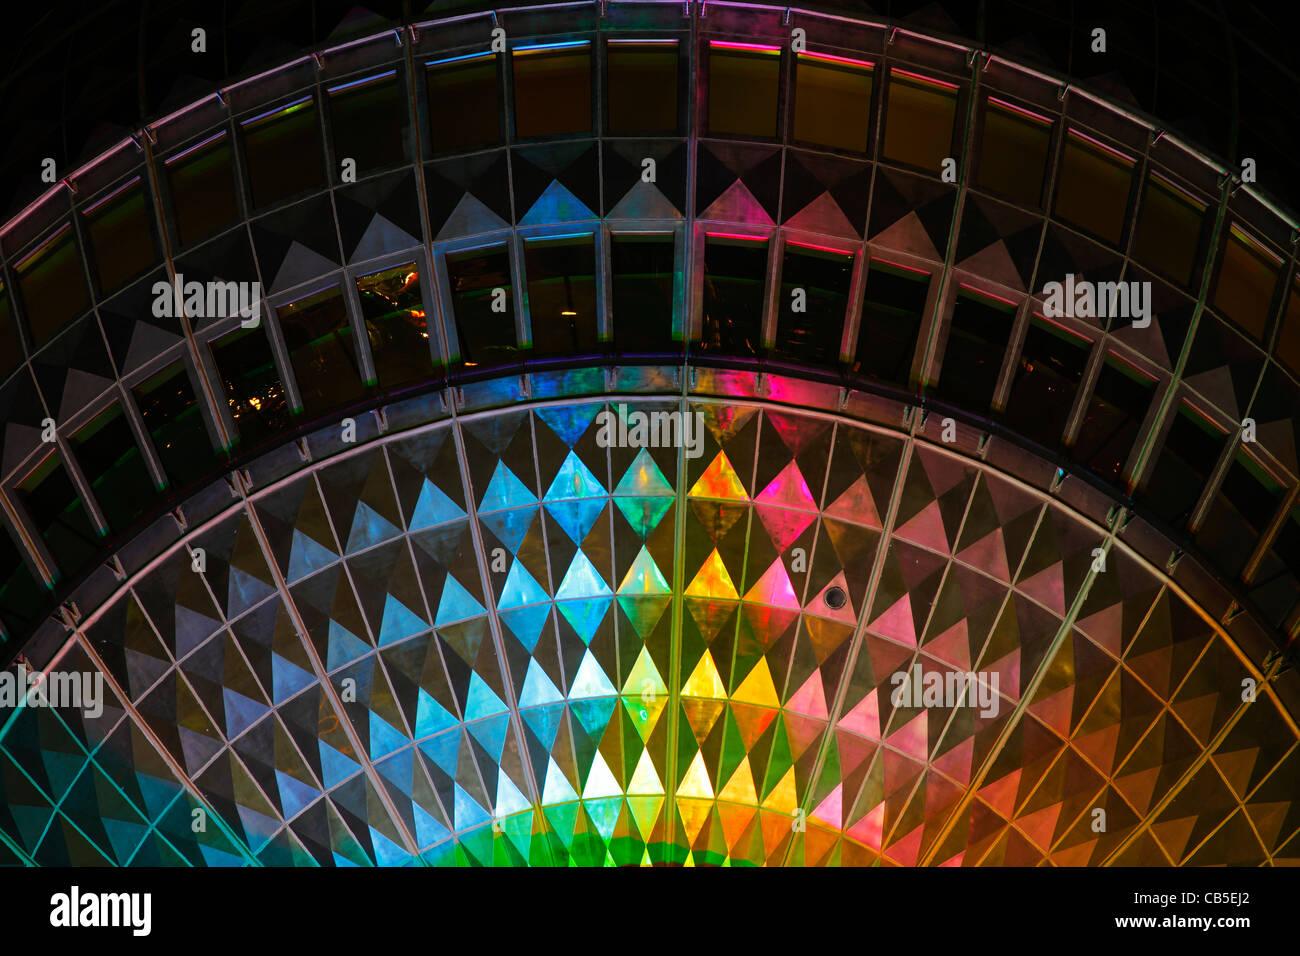 Detalhes da torre de Tv iluminada durante o festival das luzes de 2011, Alexanderplatz, Berlim Imagens de Stock